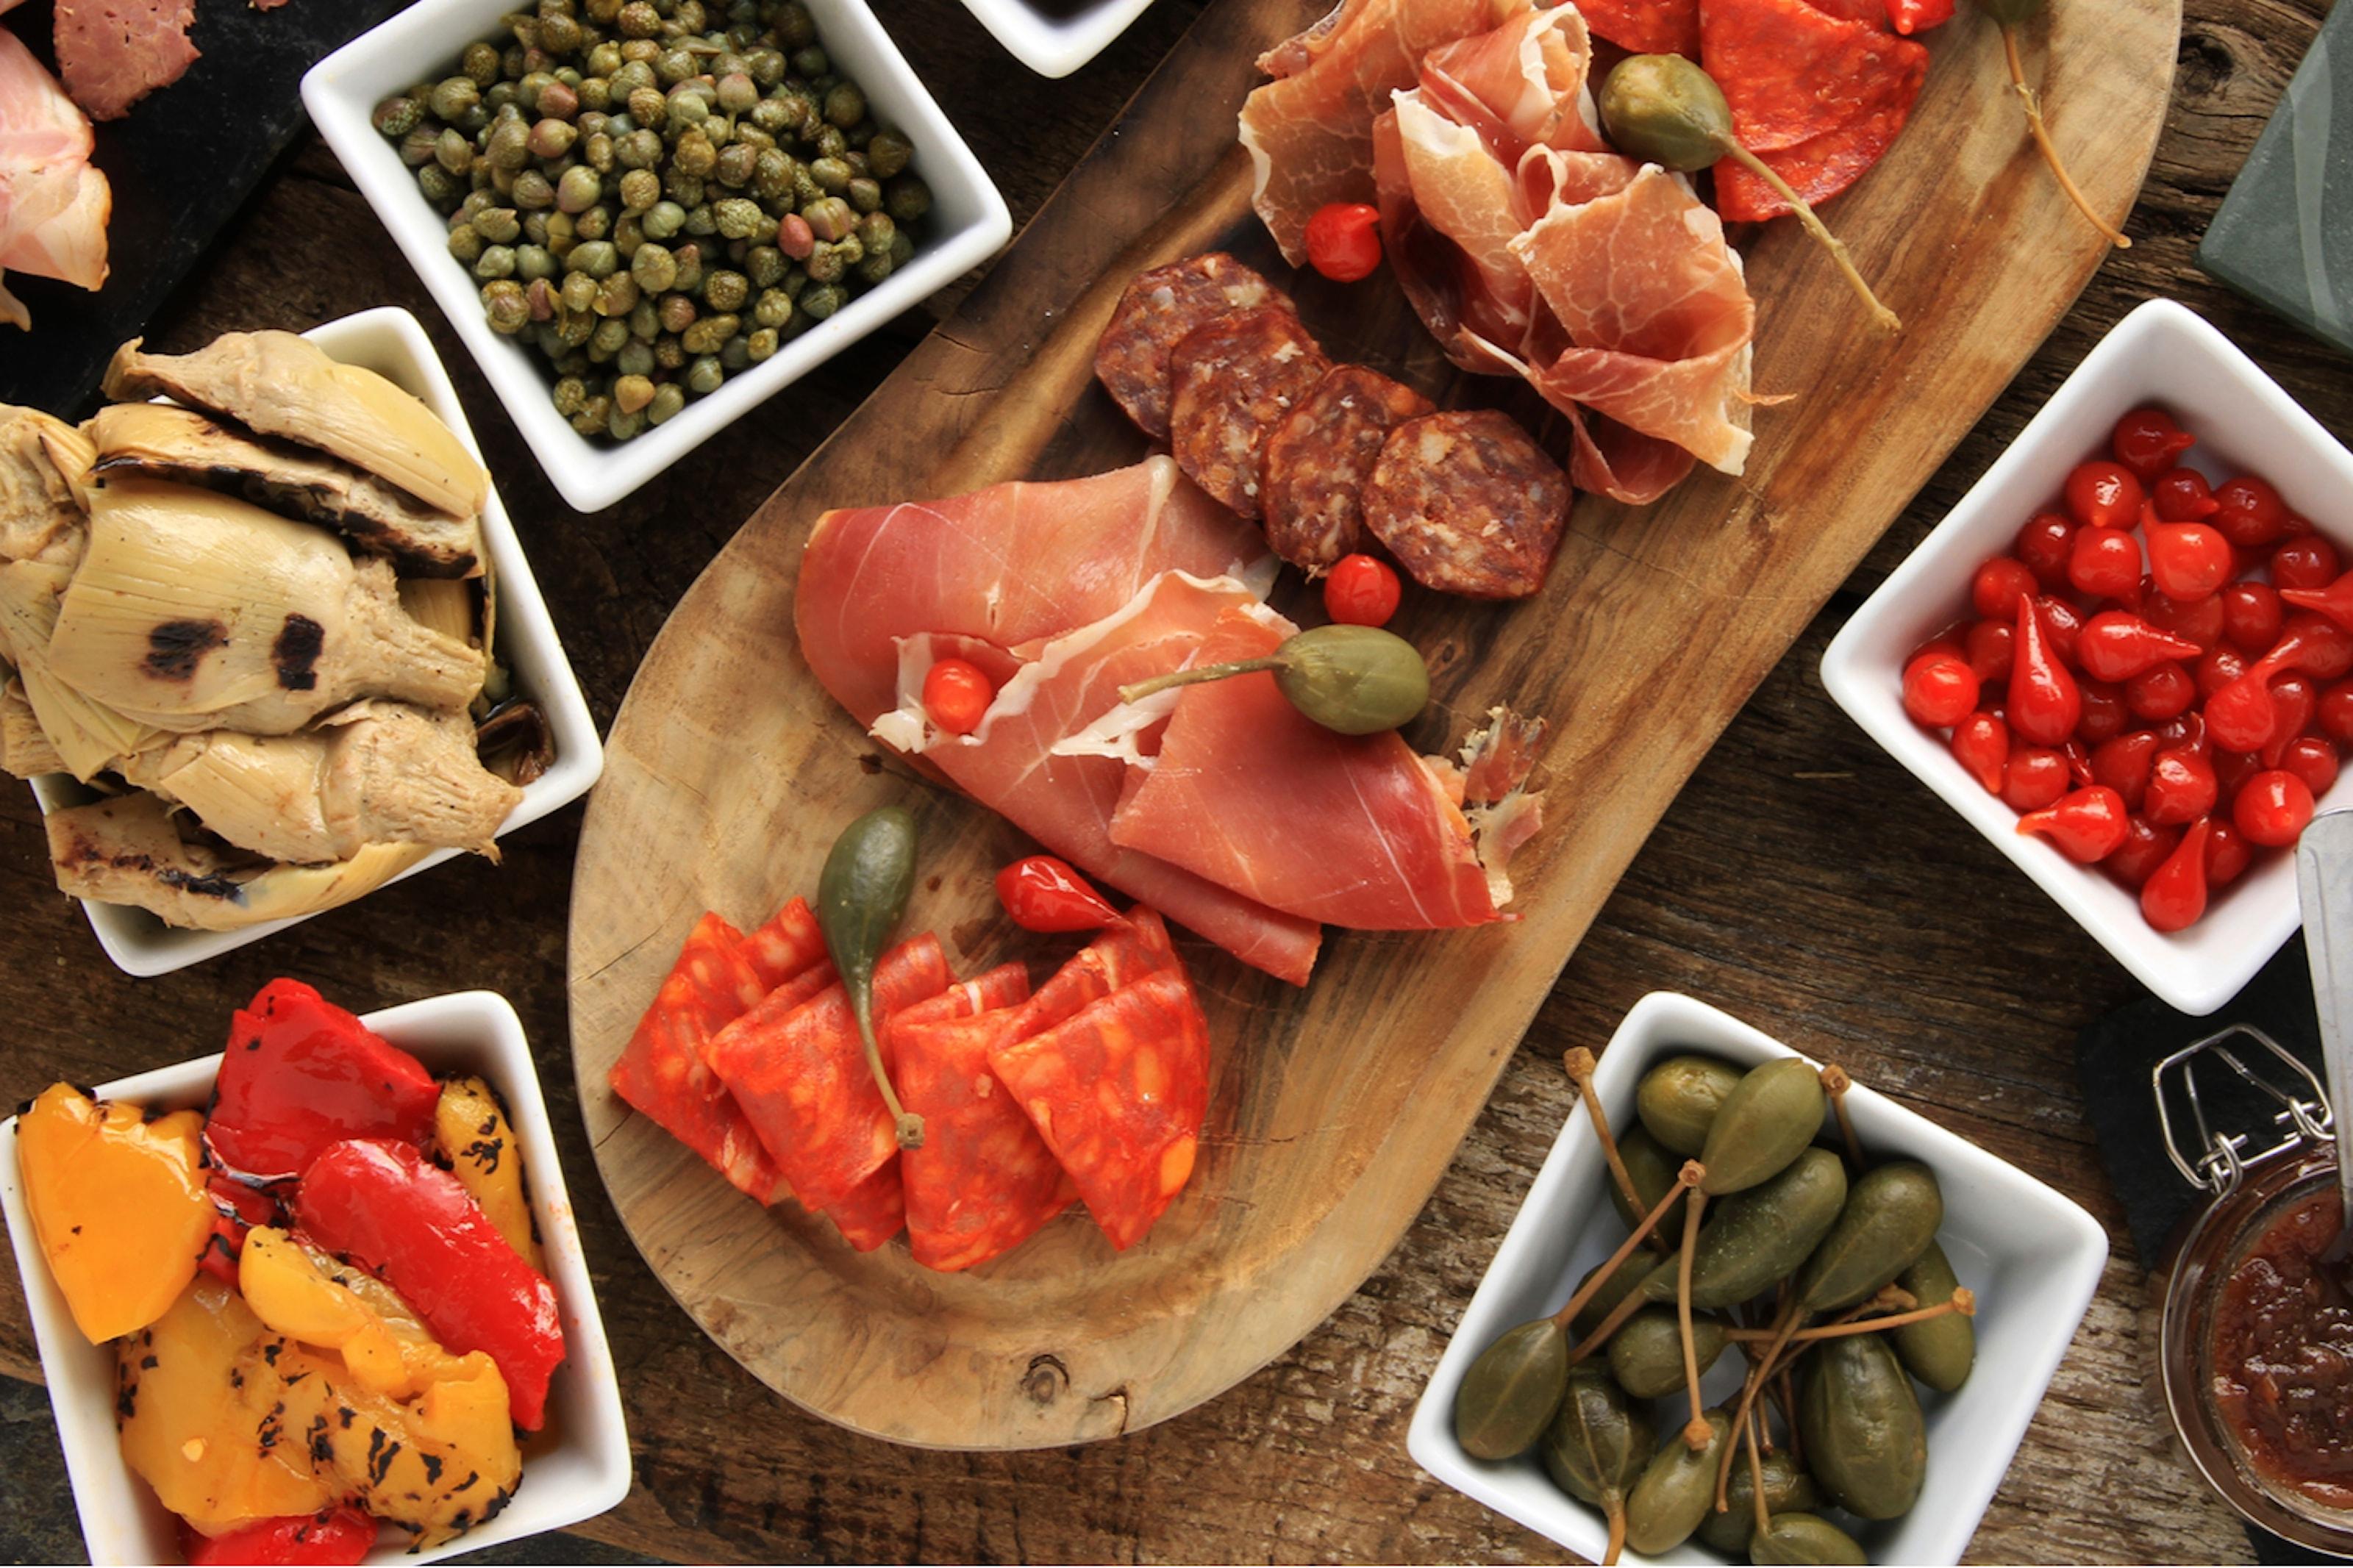 Italiensk tvårätters på Restaurang Spot